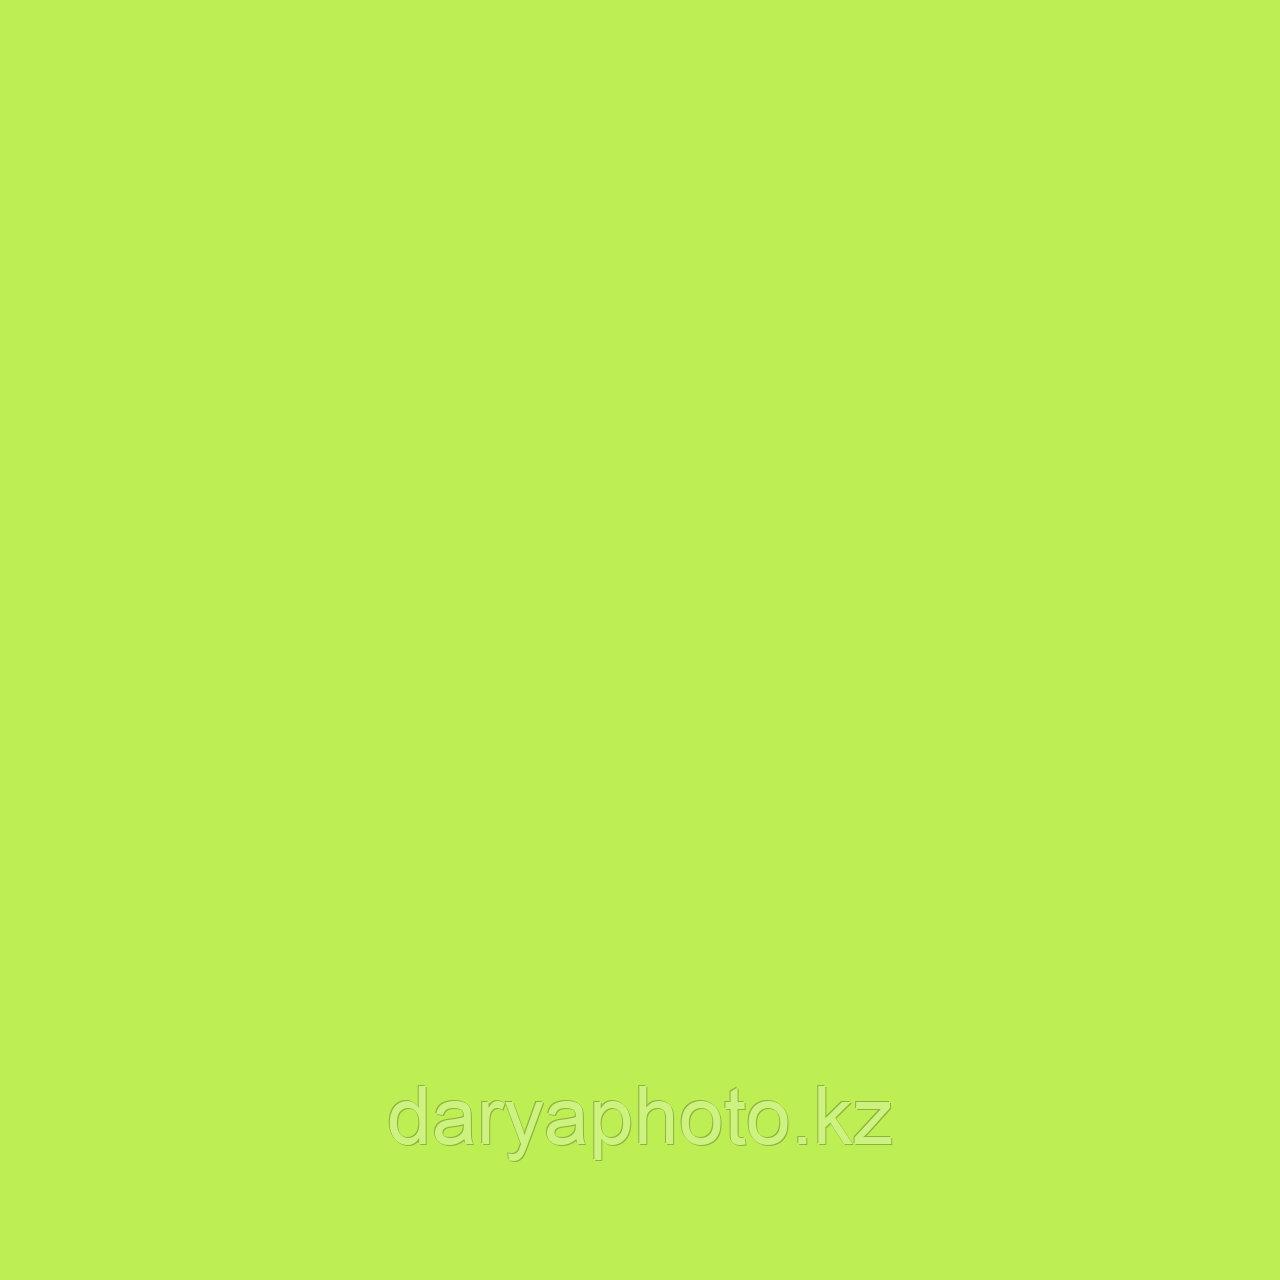 Тропический зеленый Фон бумажный. Фотофон. Фон для фотостудии